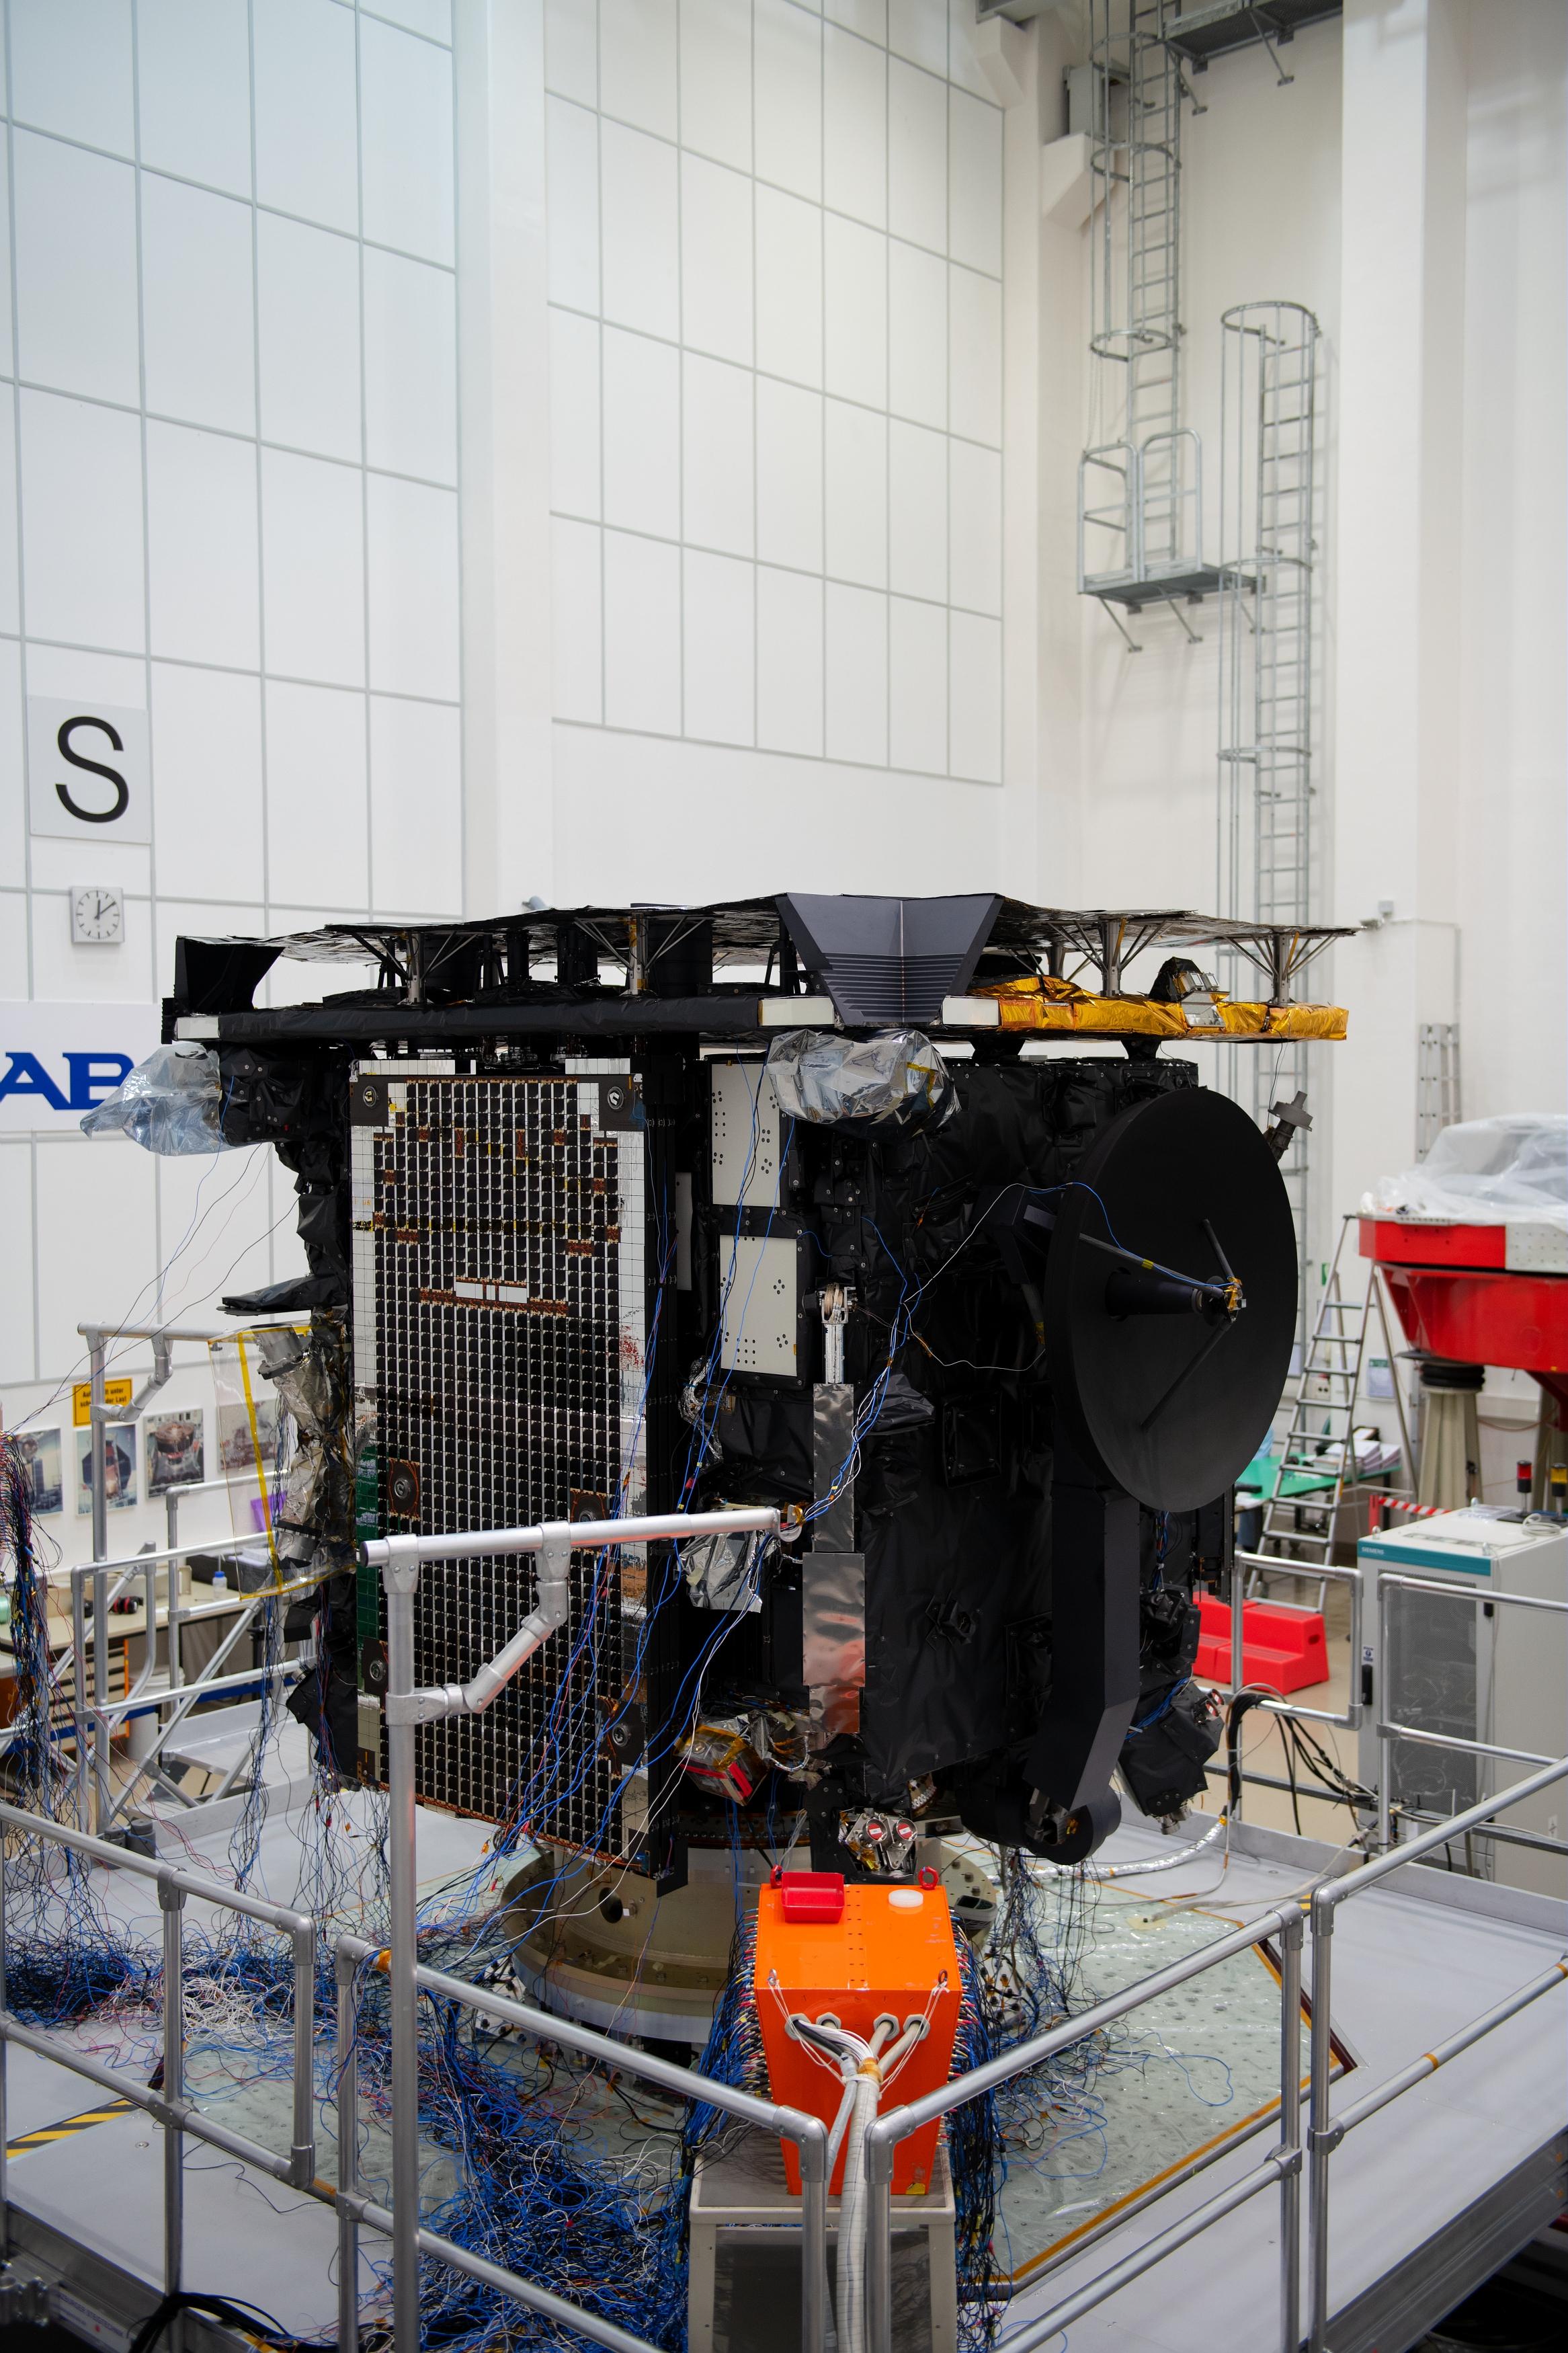 1567213910482-Solar_Orbiter_vibration_test_prep_20190212_10.jpg